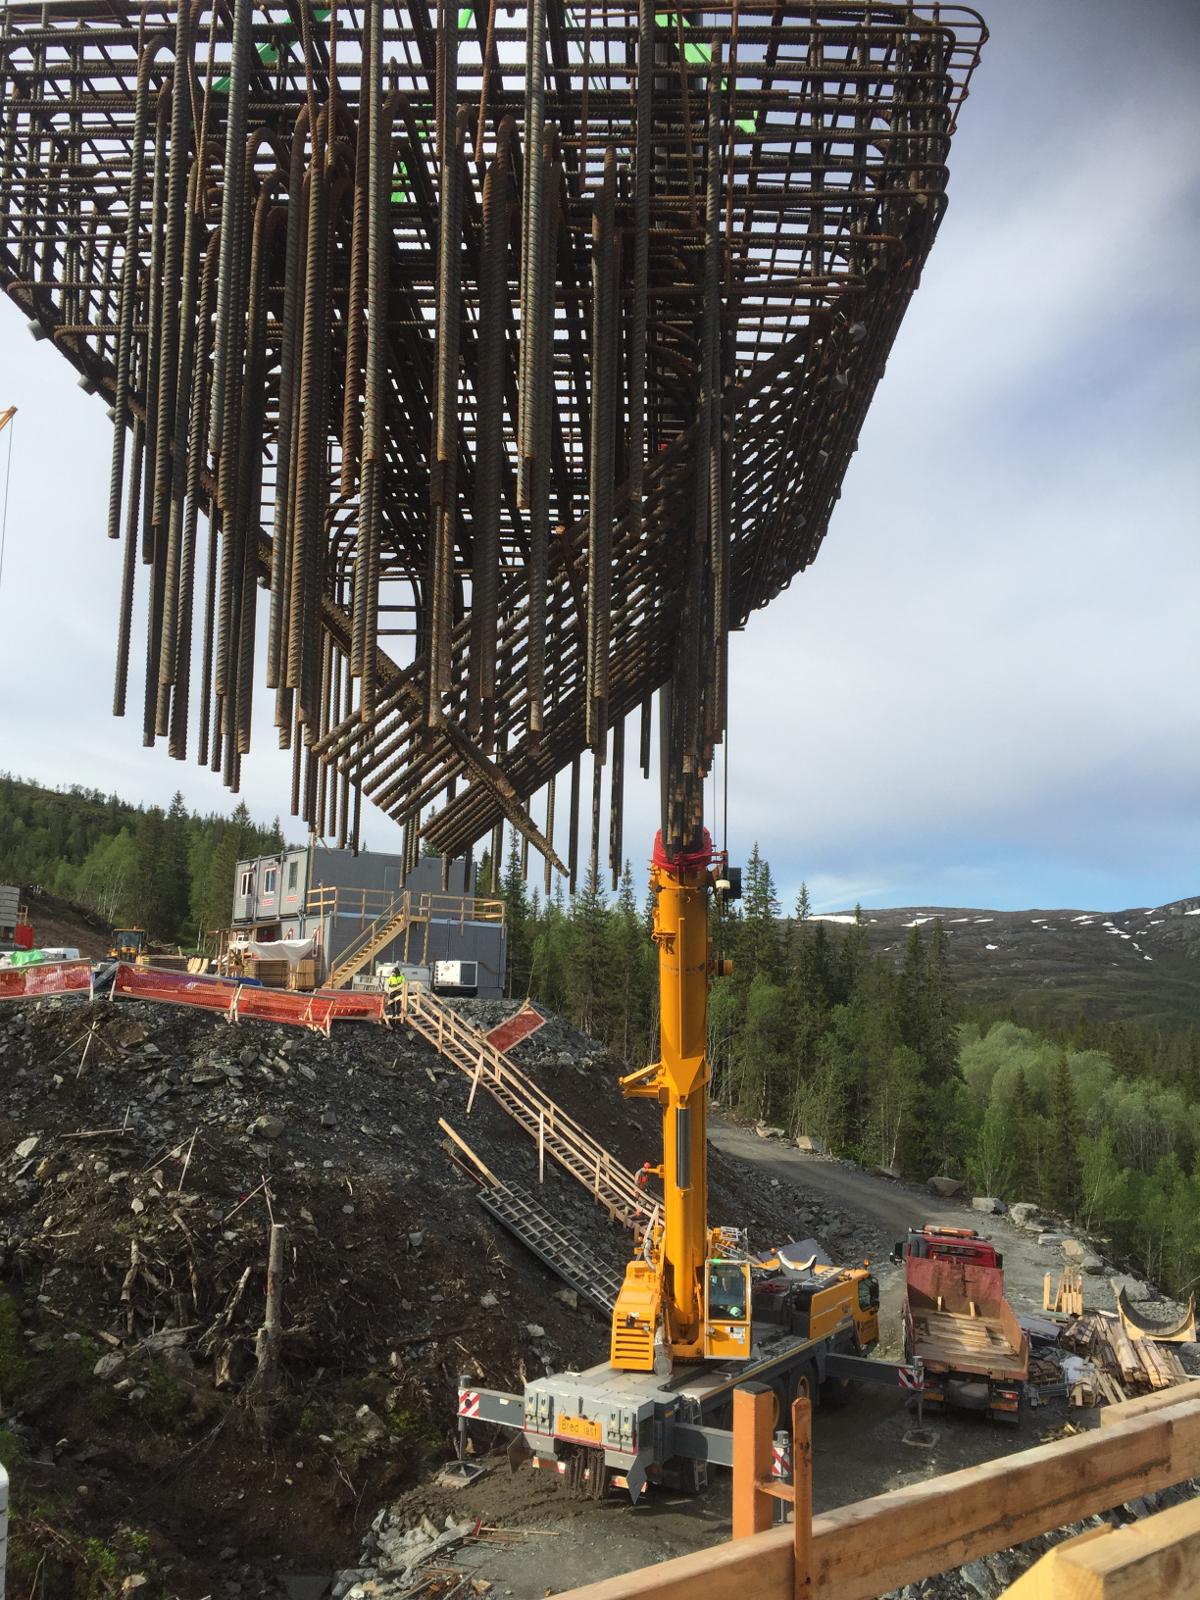 Prace szalunkowe, zbrojeniowe oraz betonowe projektu Stora Helvetet w Storlien (Szwecja)